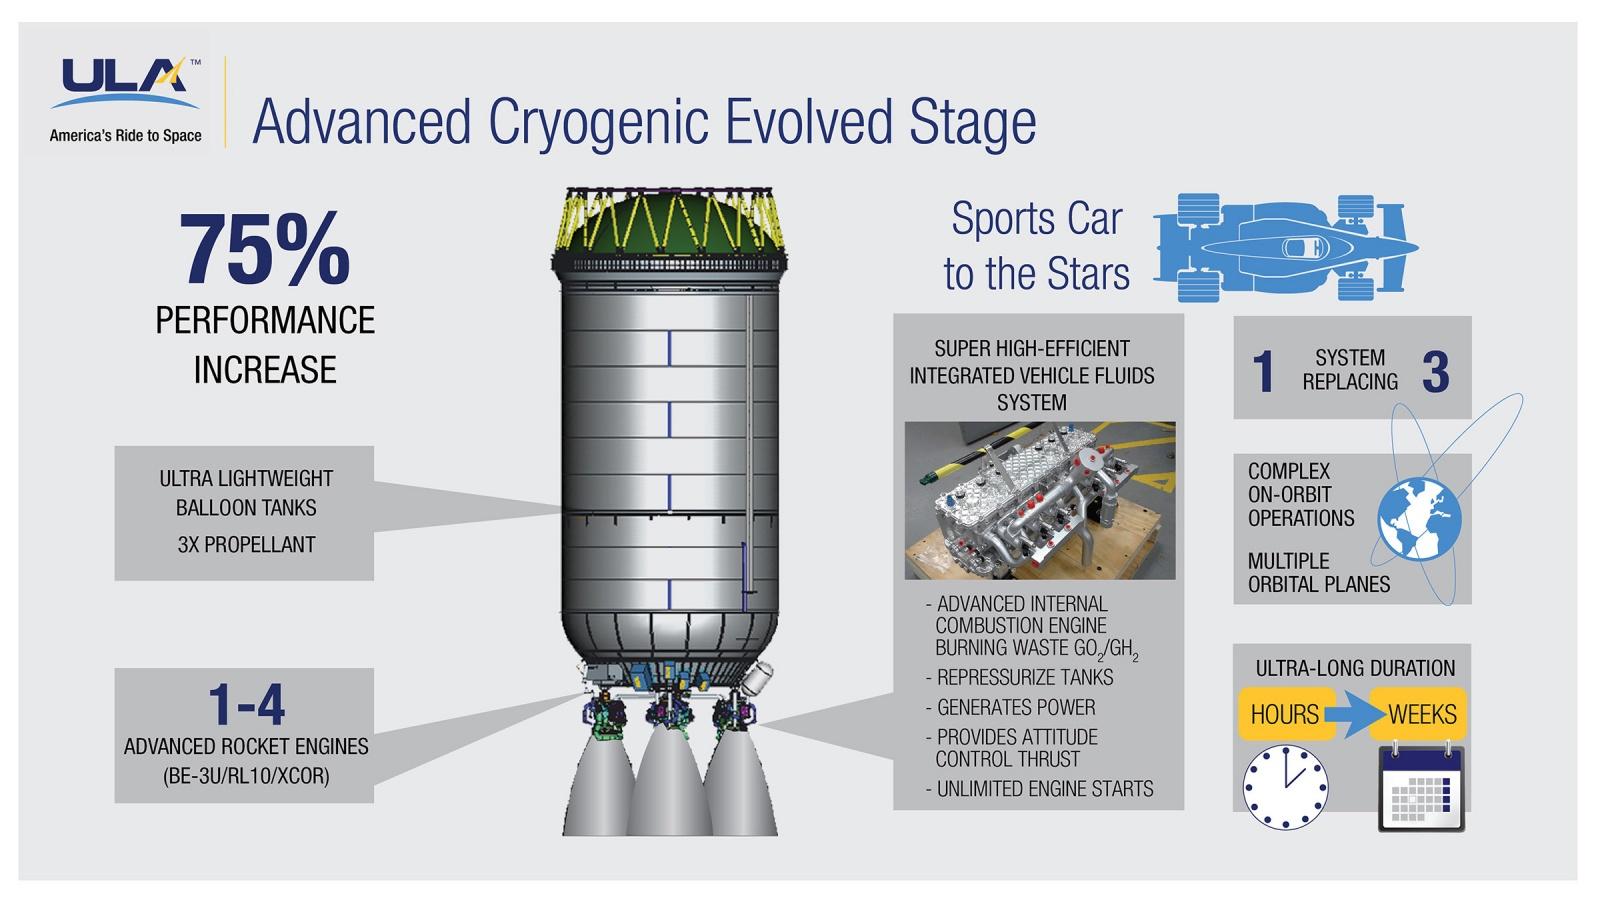 Новая повторно используемая ракета Vulcan - 6